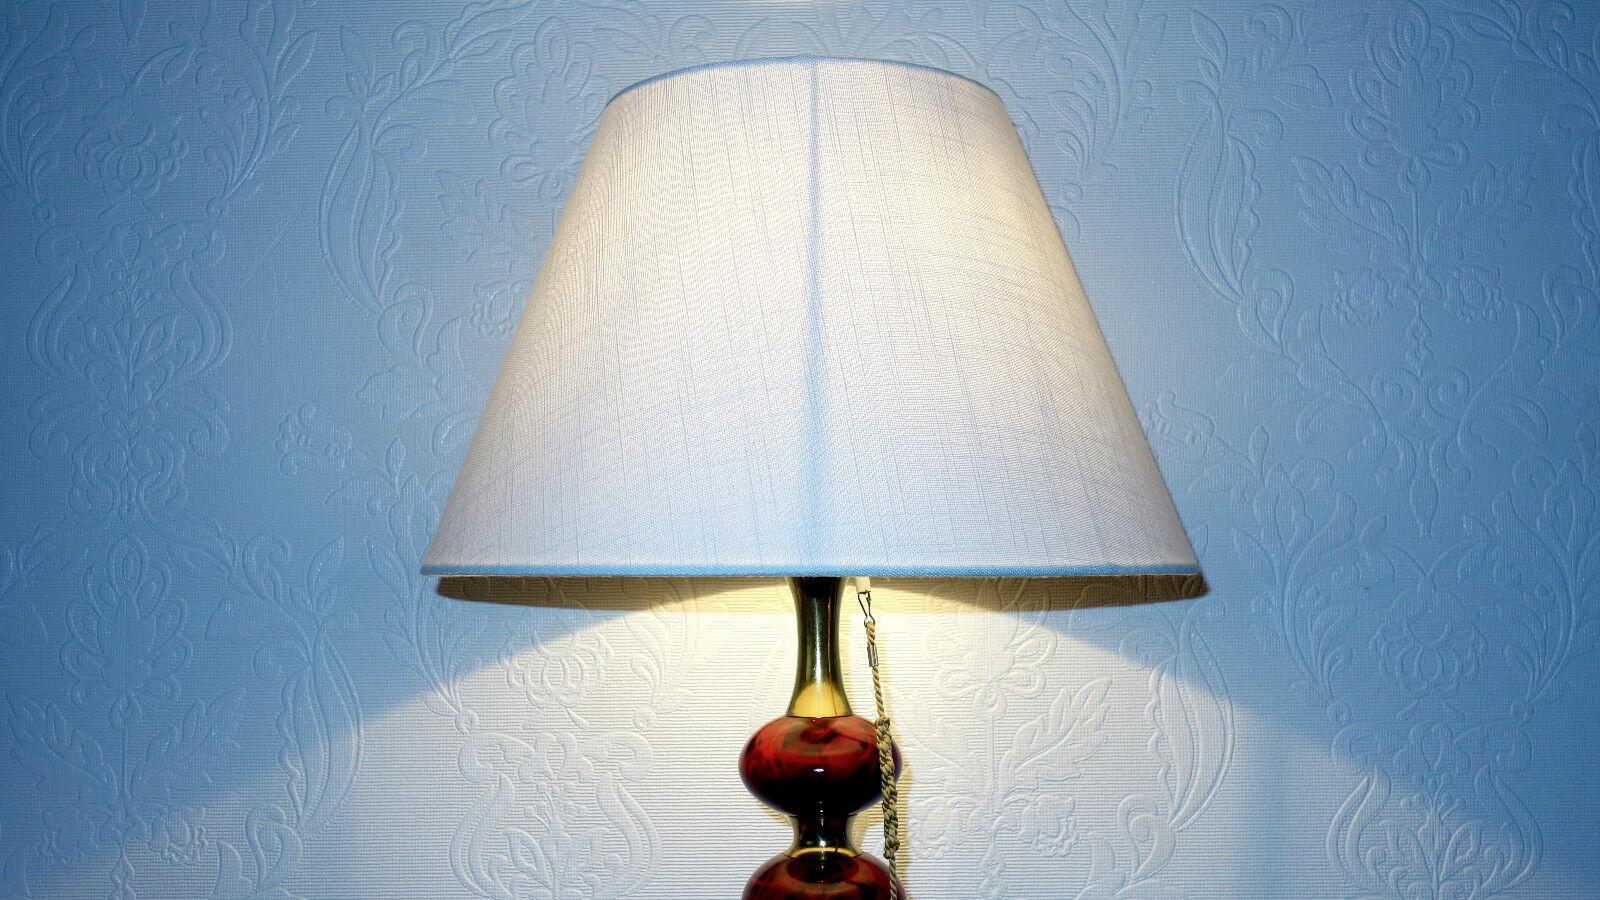 Antique laiton-bois tissu Parapluie lampe bureau de bureau lampe 1 brûleurs 75 cm haut 144053